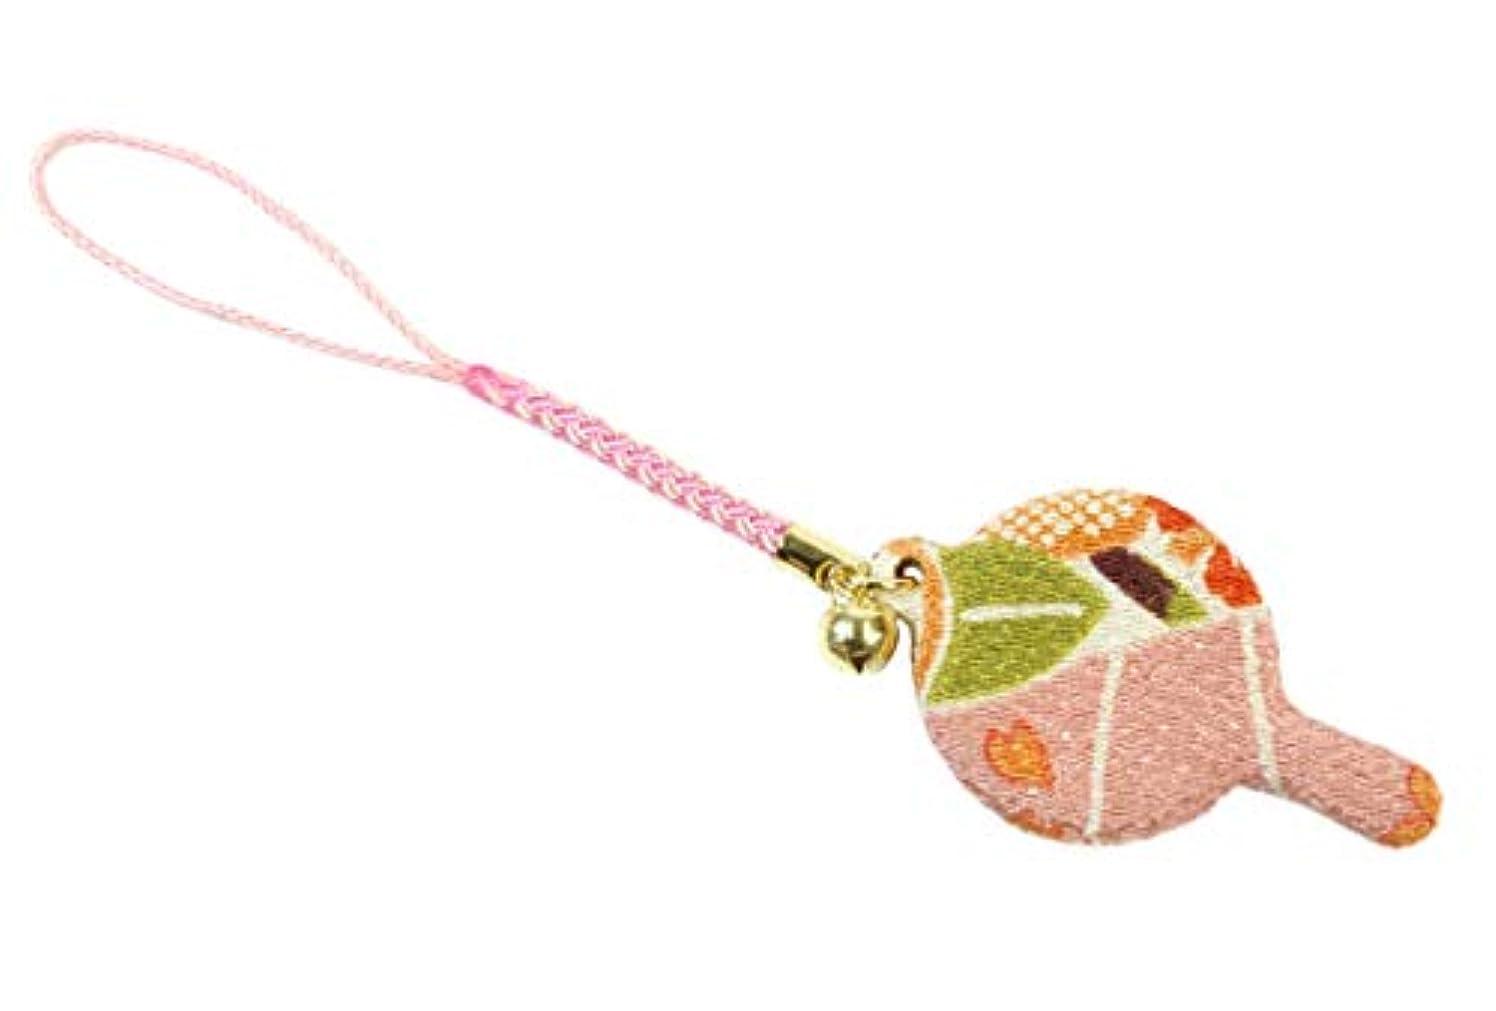 同僚木抜本的なZOON(ズーン) 花ちりめん ミニハンドミラー 桜色 和柄 着物 ちりめん 生地 布製 根付け ミニ鏡 日本製 お土産 桜色